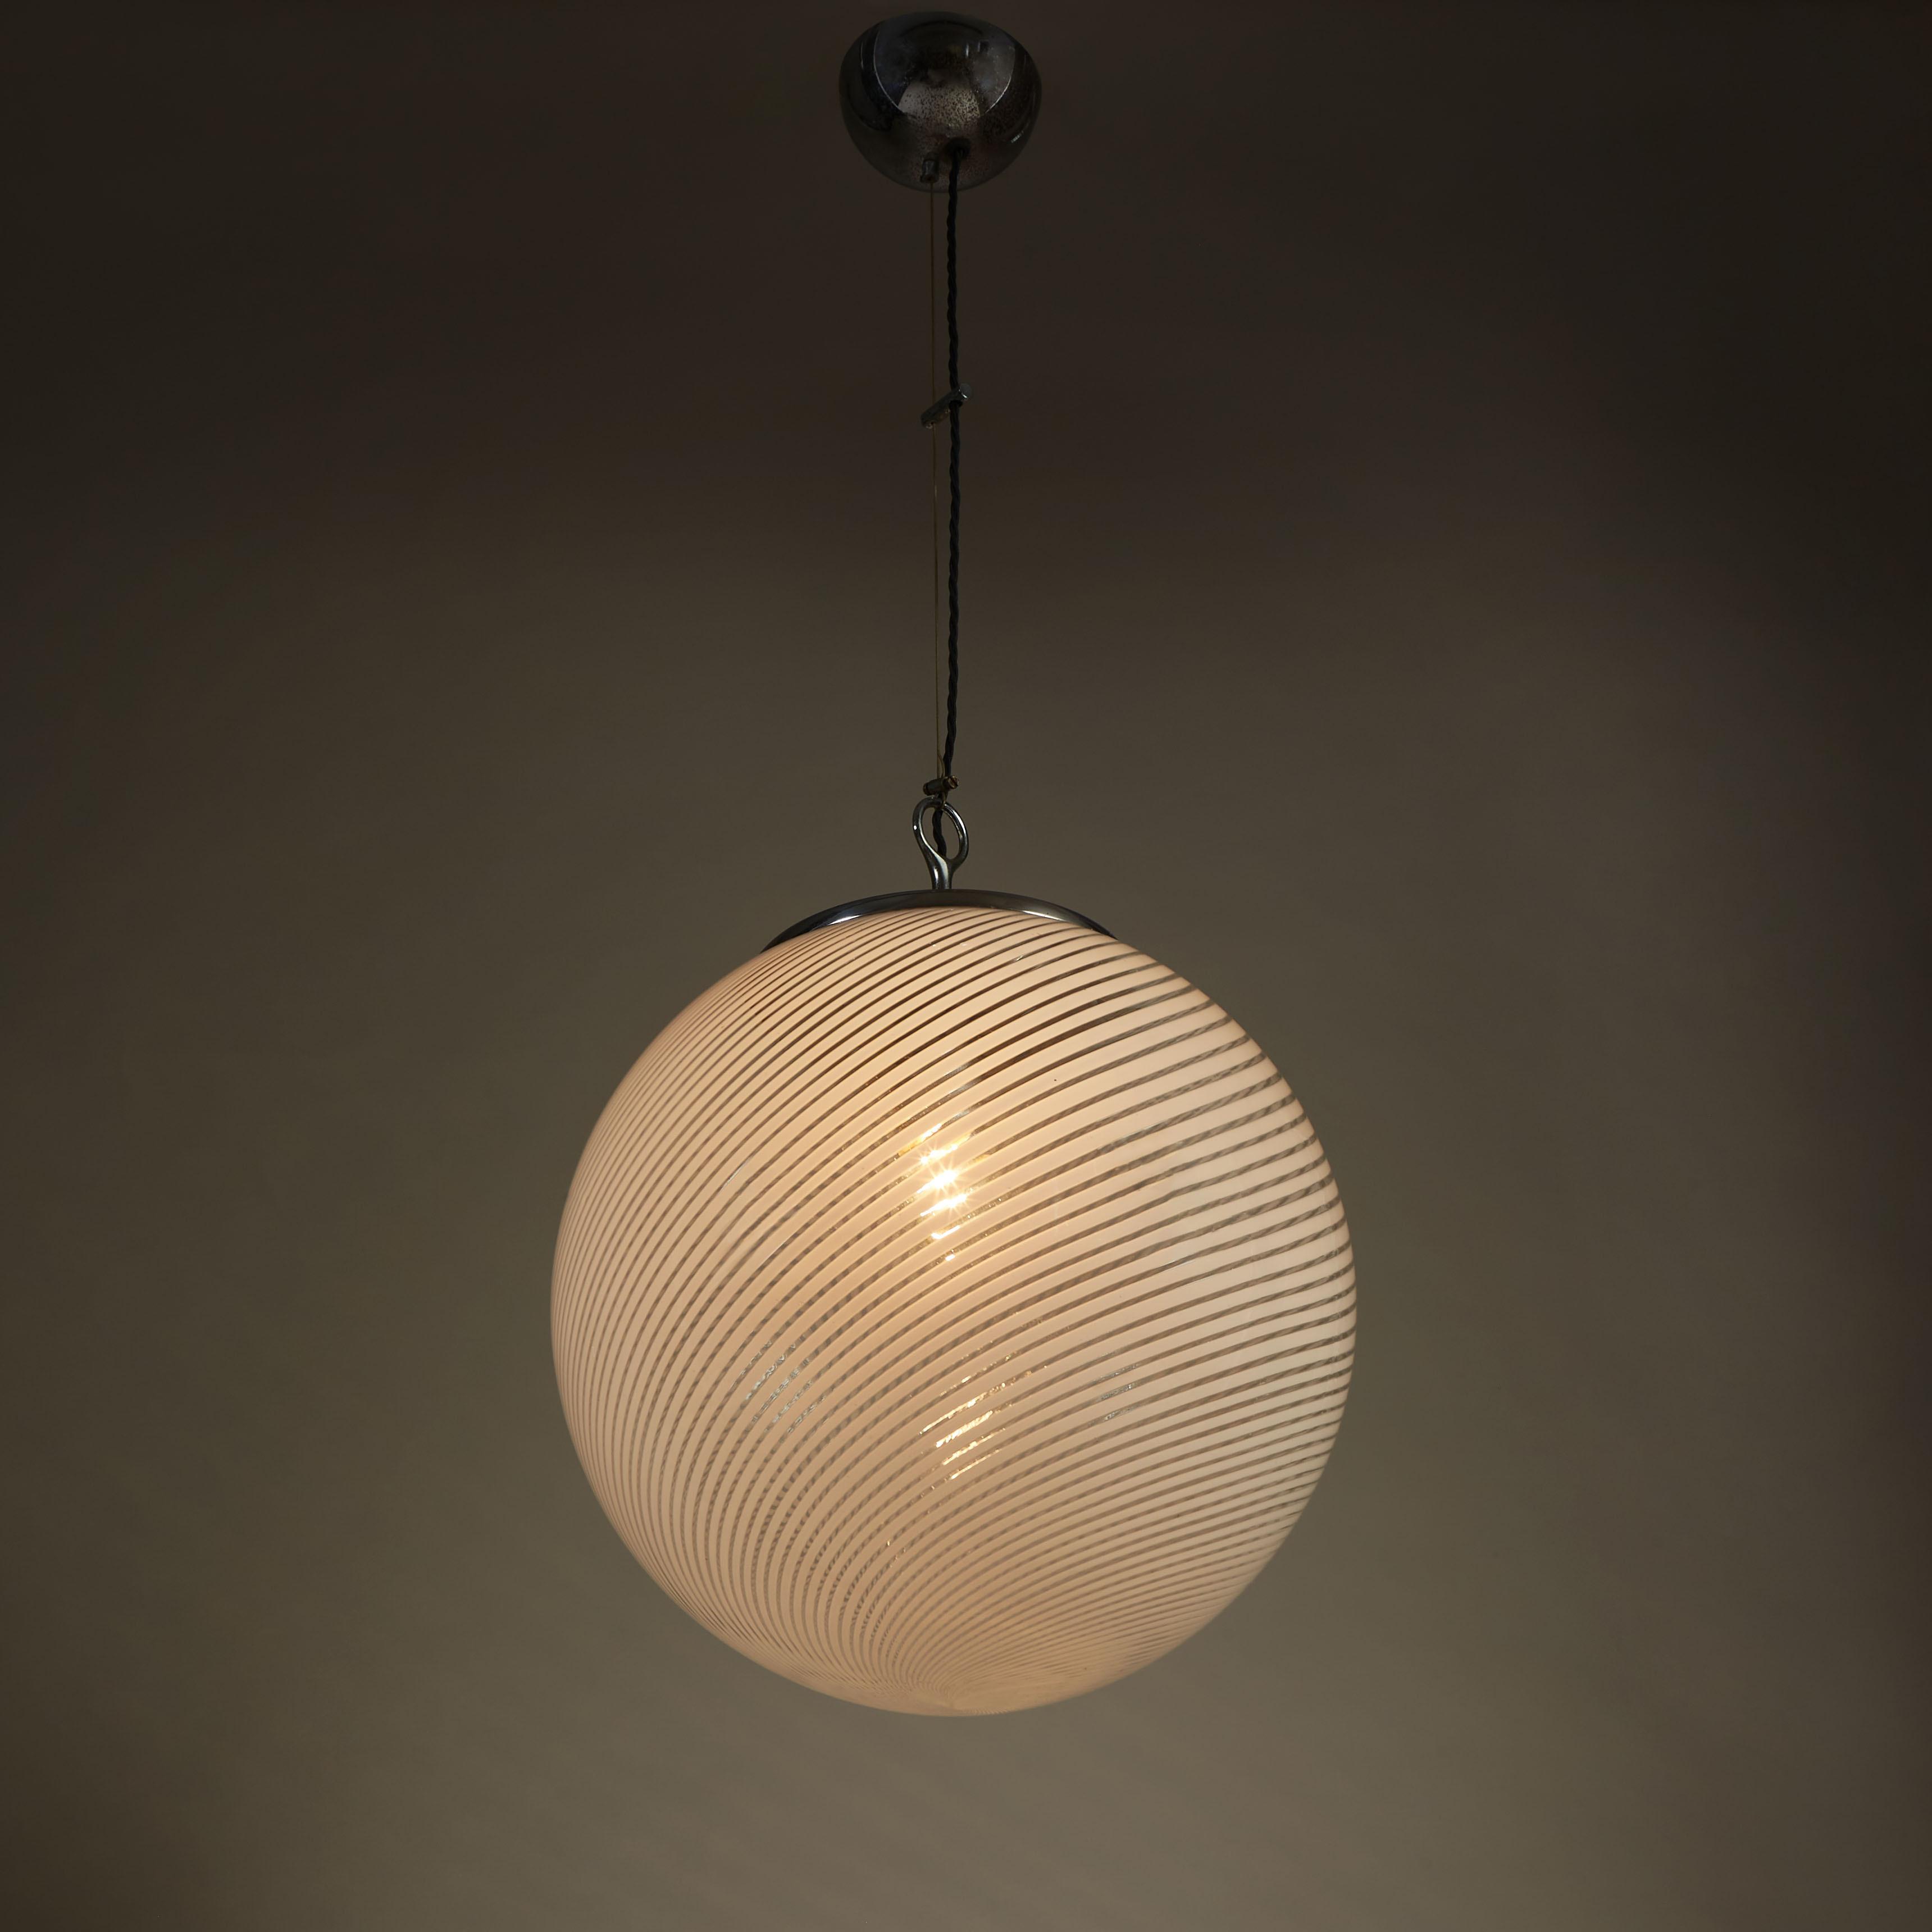 Italian Swirl Ball Lamp 0100 V1